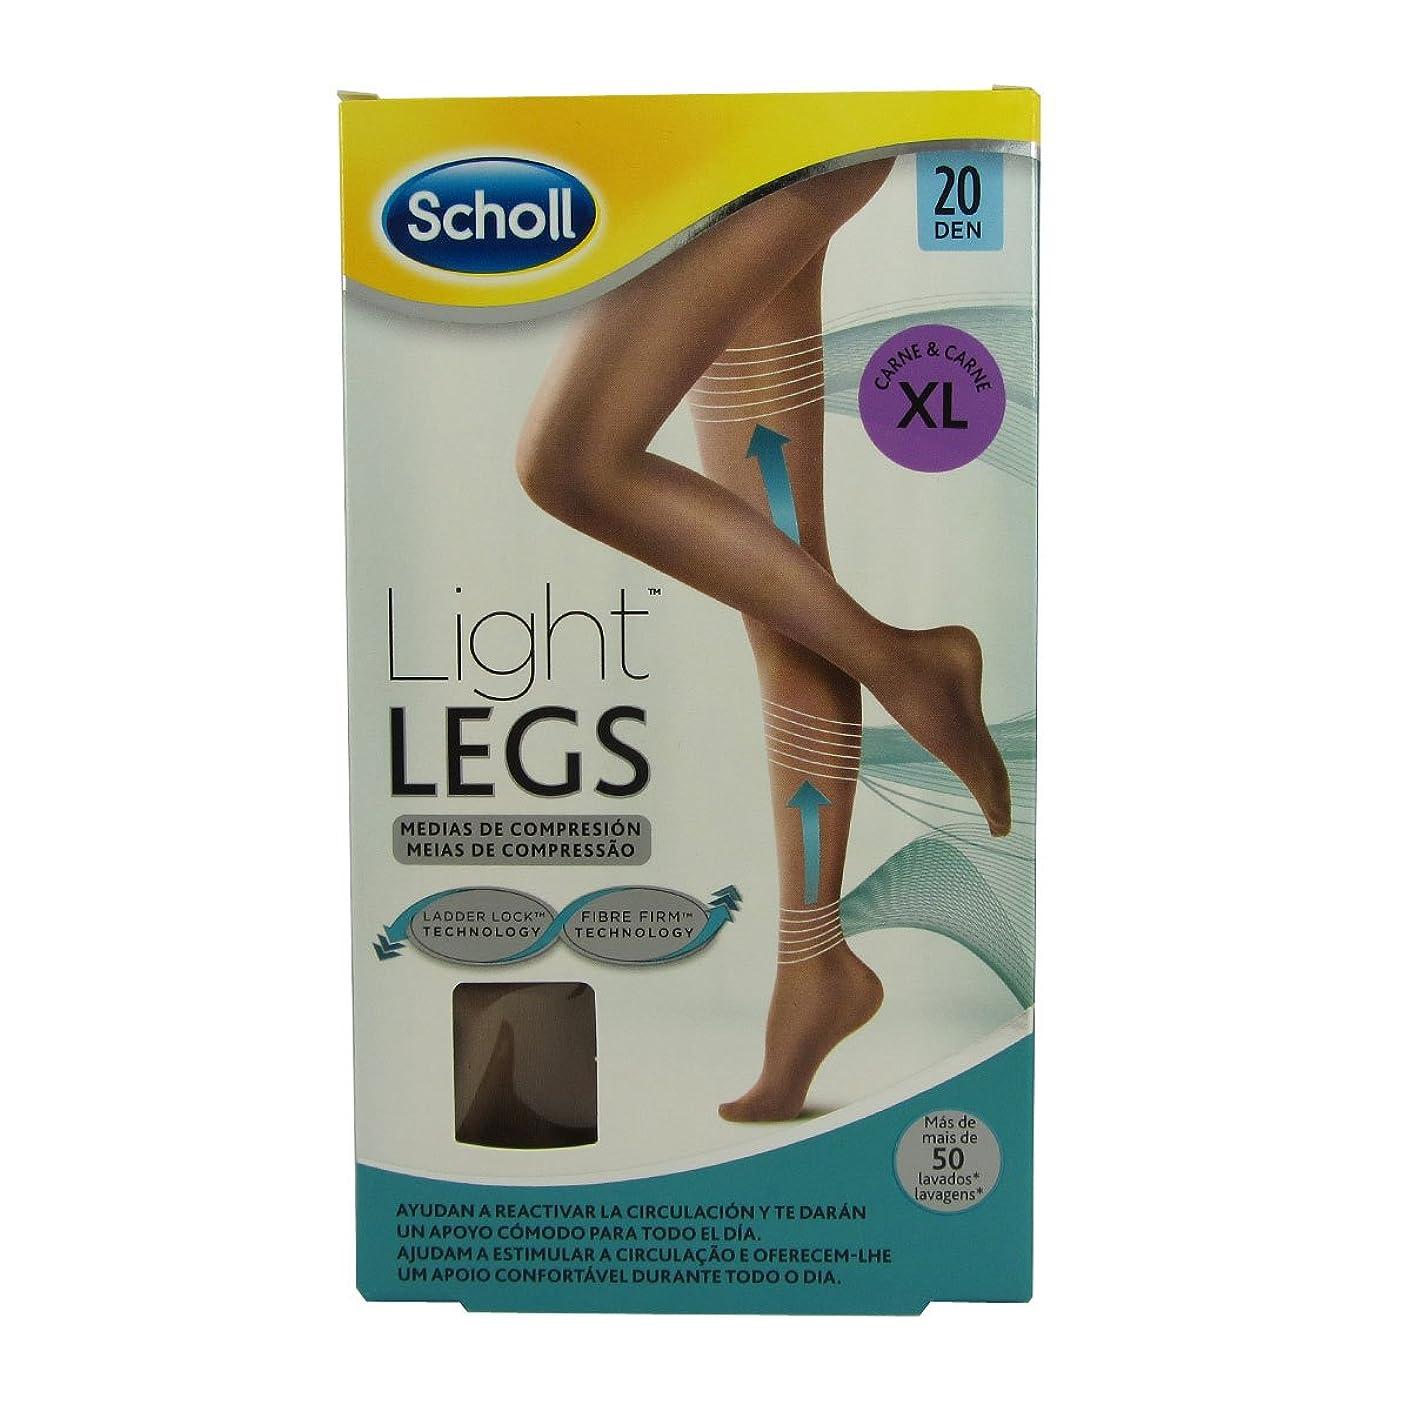 破裂ペナルティ真剣にScholl Light Legs Compression Tights 20den Skin Extra Large [並行輸入品]